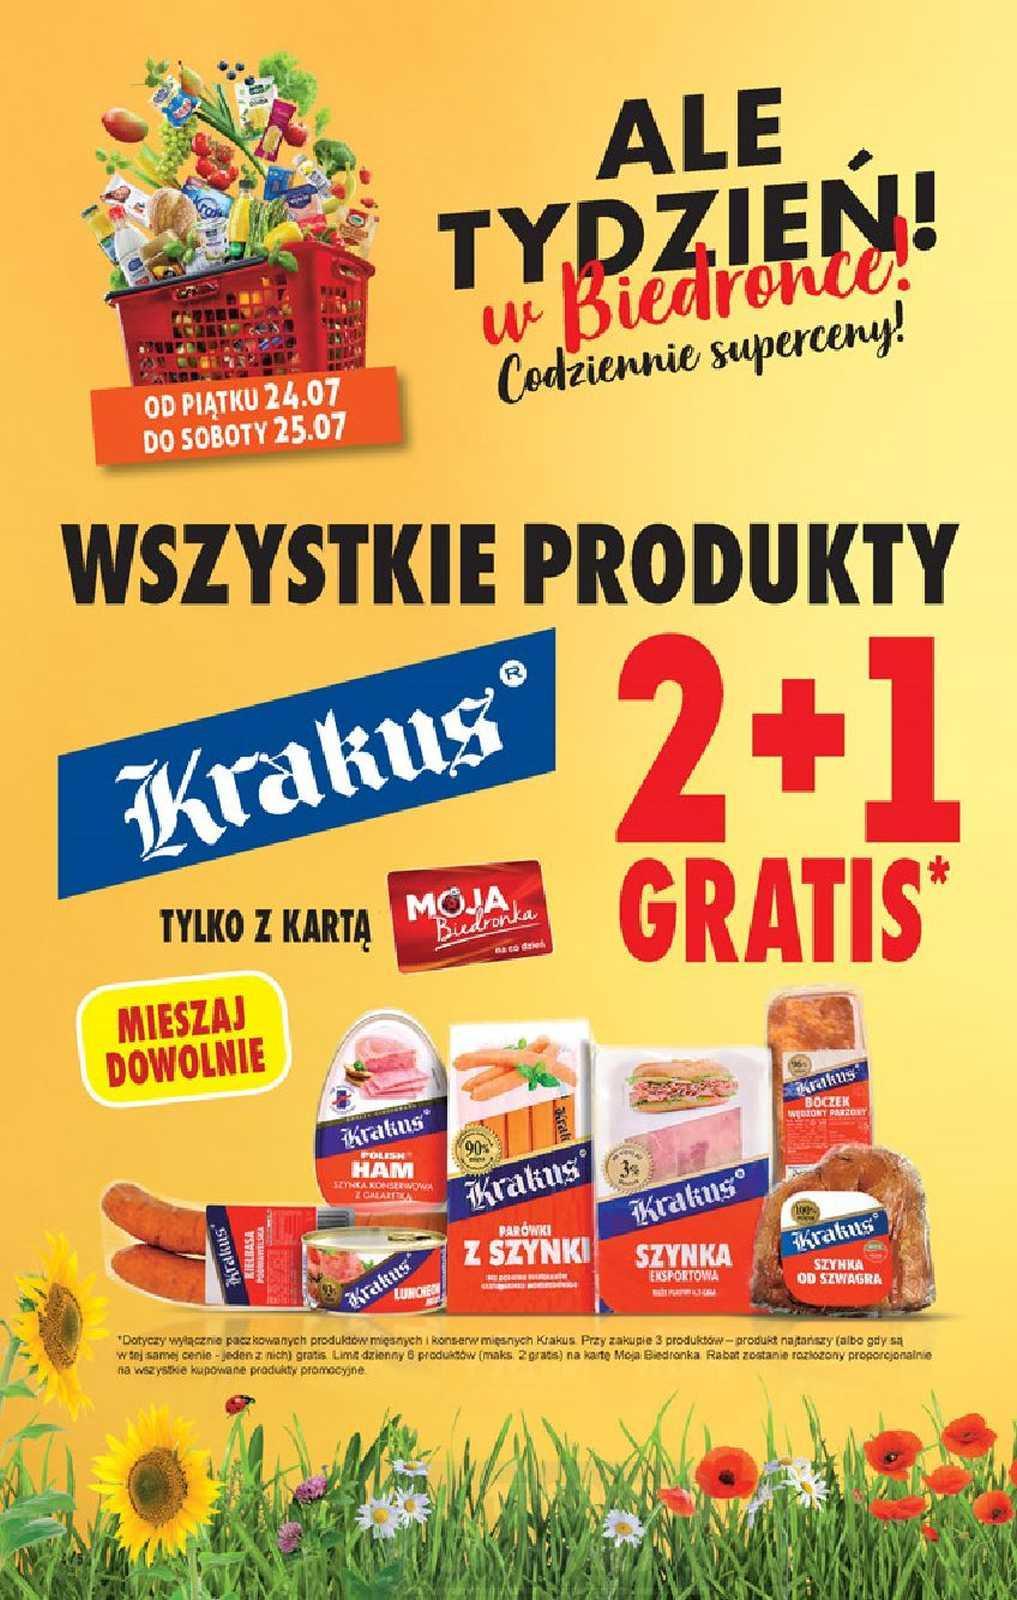 Wszystkie produkty Krakus 2+1 gratis i Delma 500g za 1.75zł przy zakupie 3szt z kartą - Biedronka